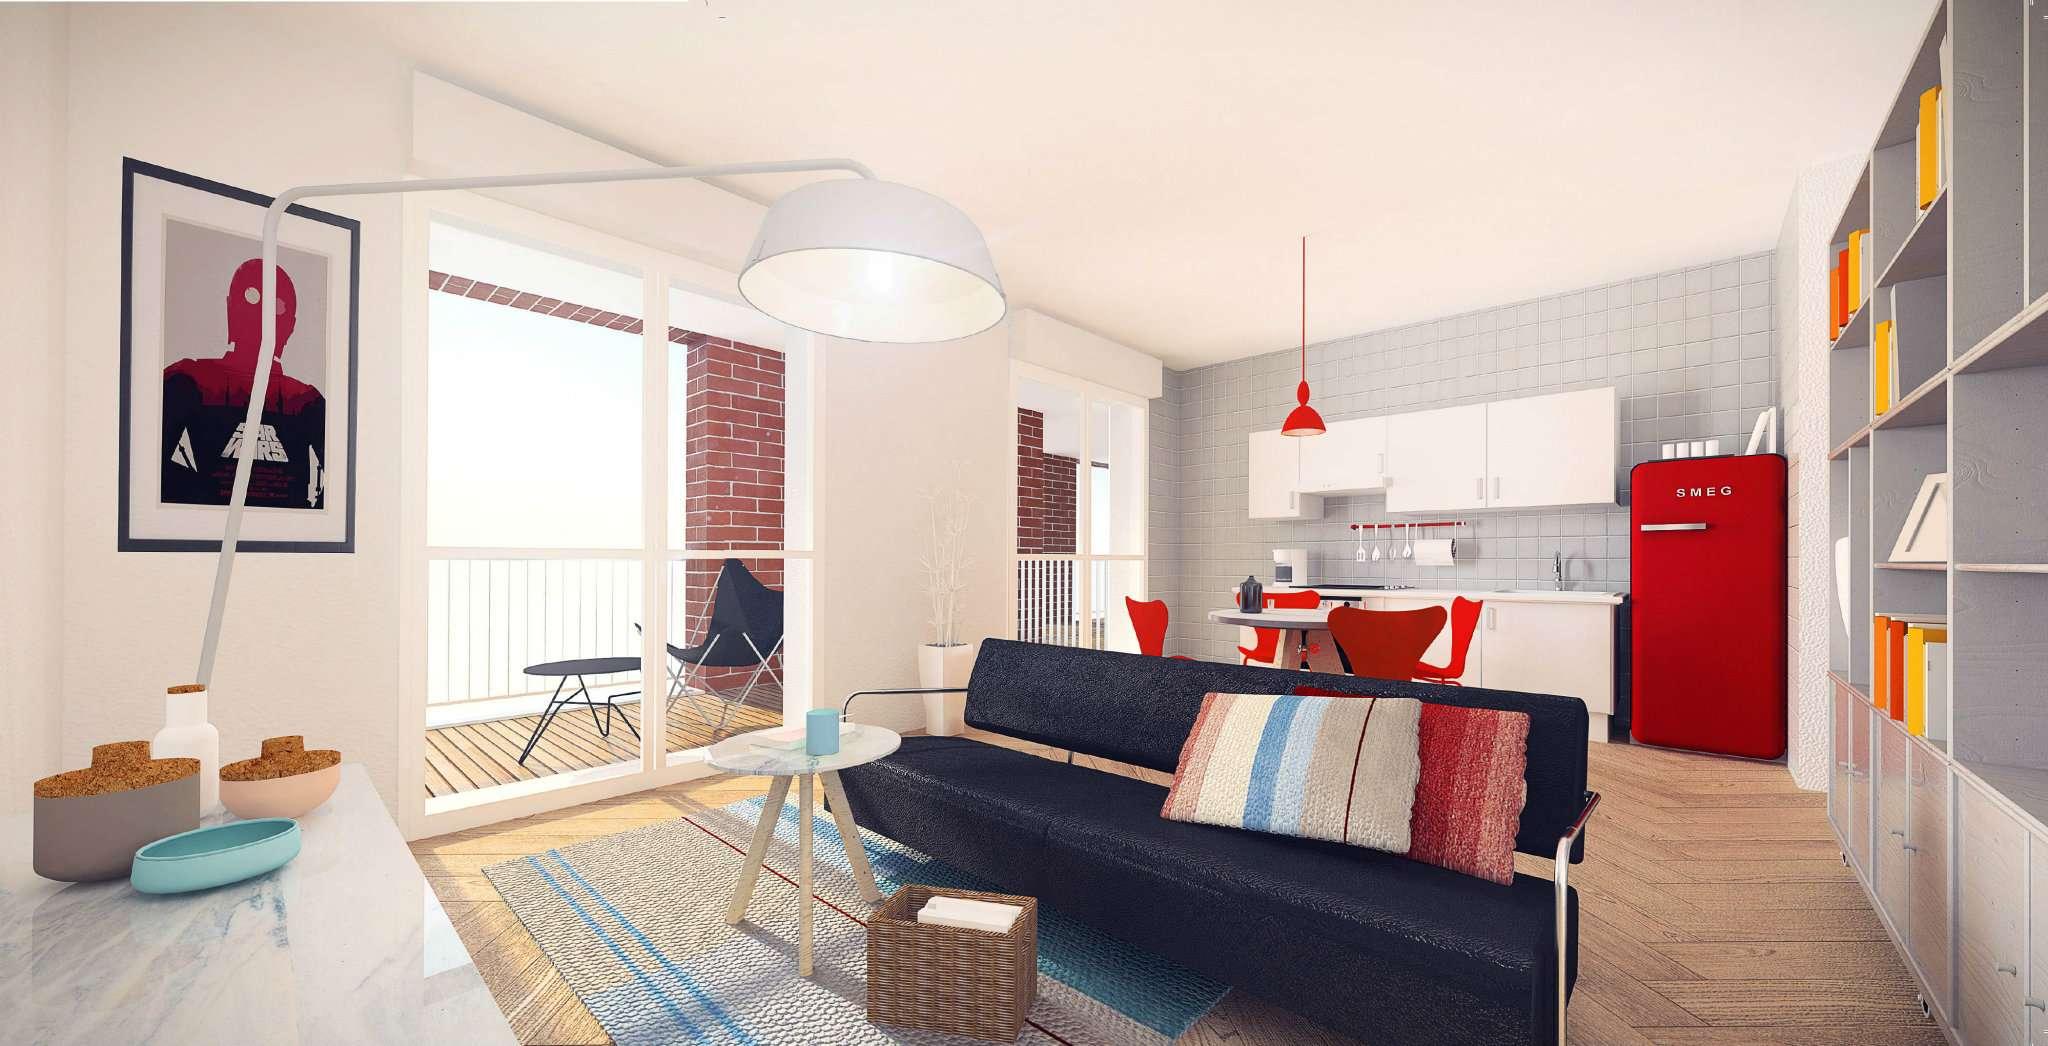 Appartamento in vendita a Cesena, 2 locali, prezzo € 230.000 | CambioCasa.it